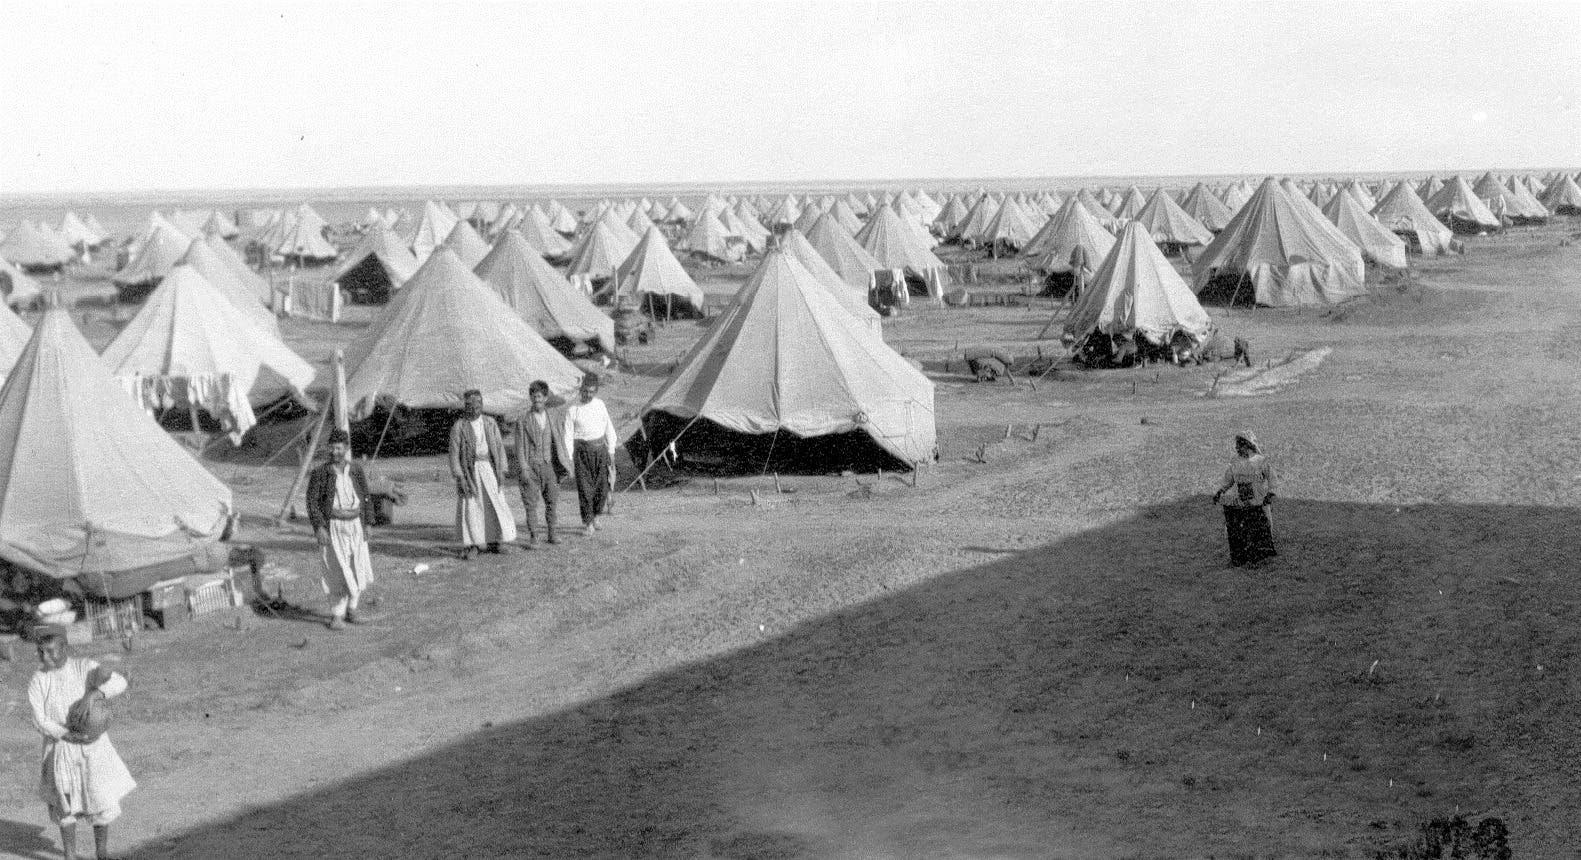 أرمن خلال اقامتهم في معسكر بورسعيد